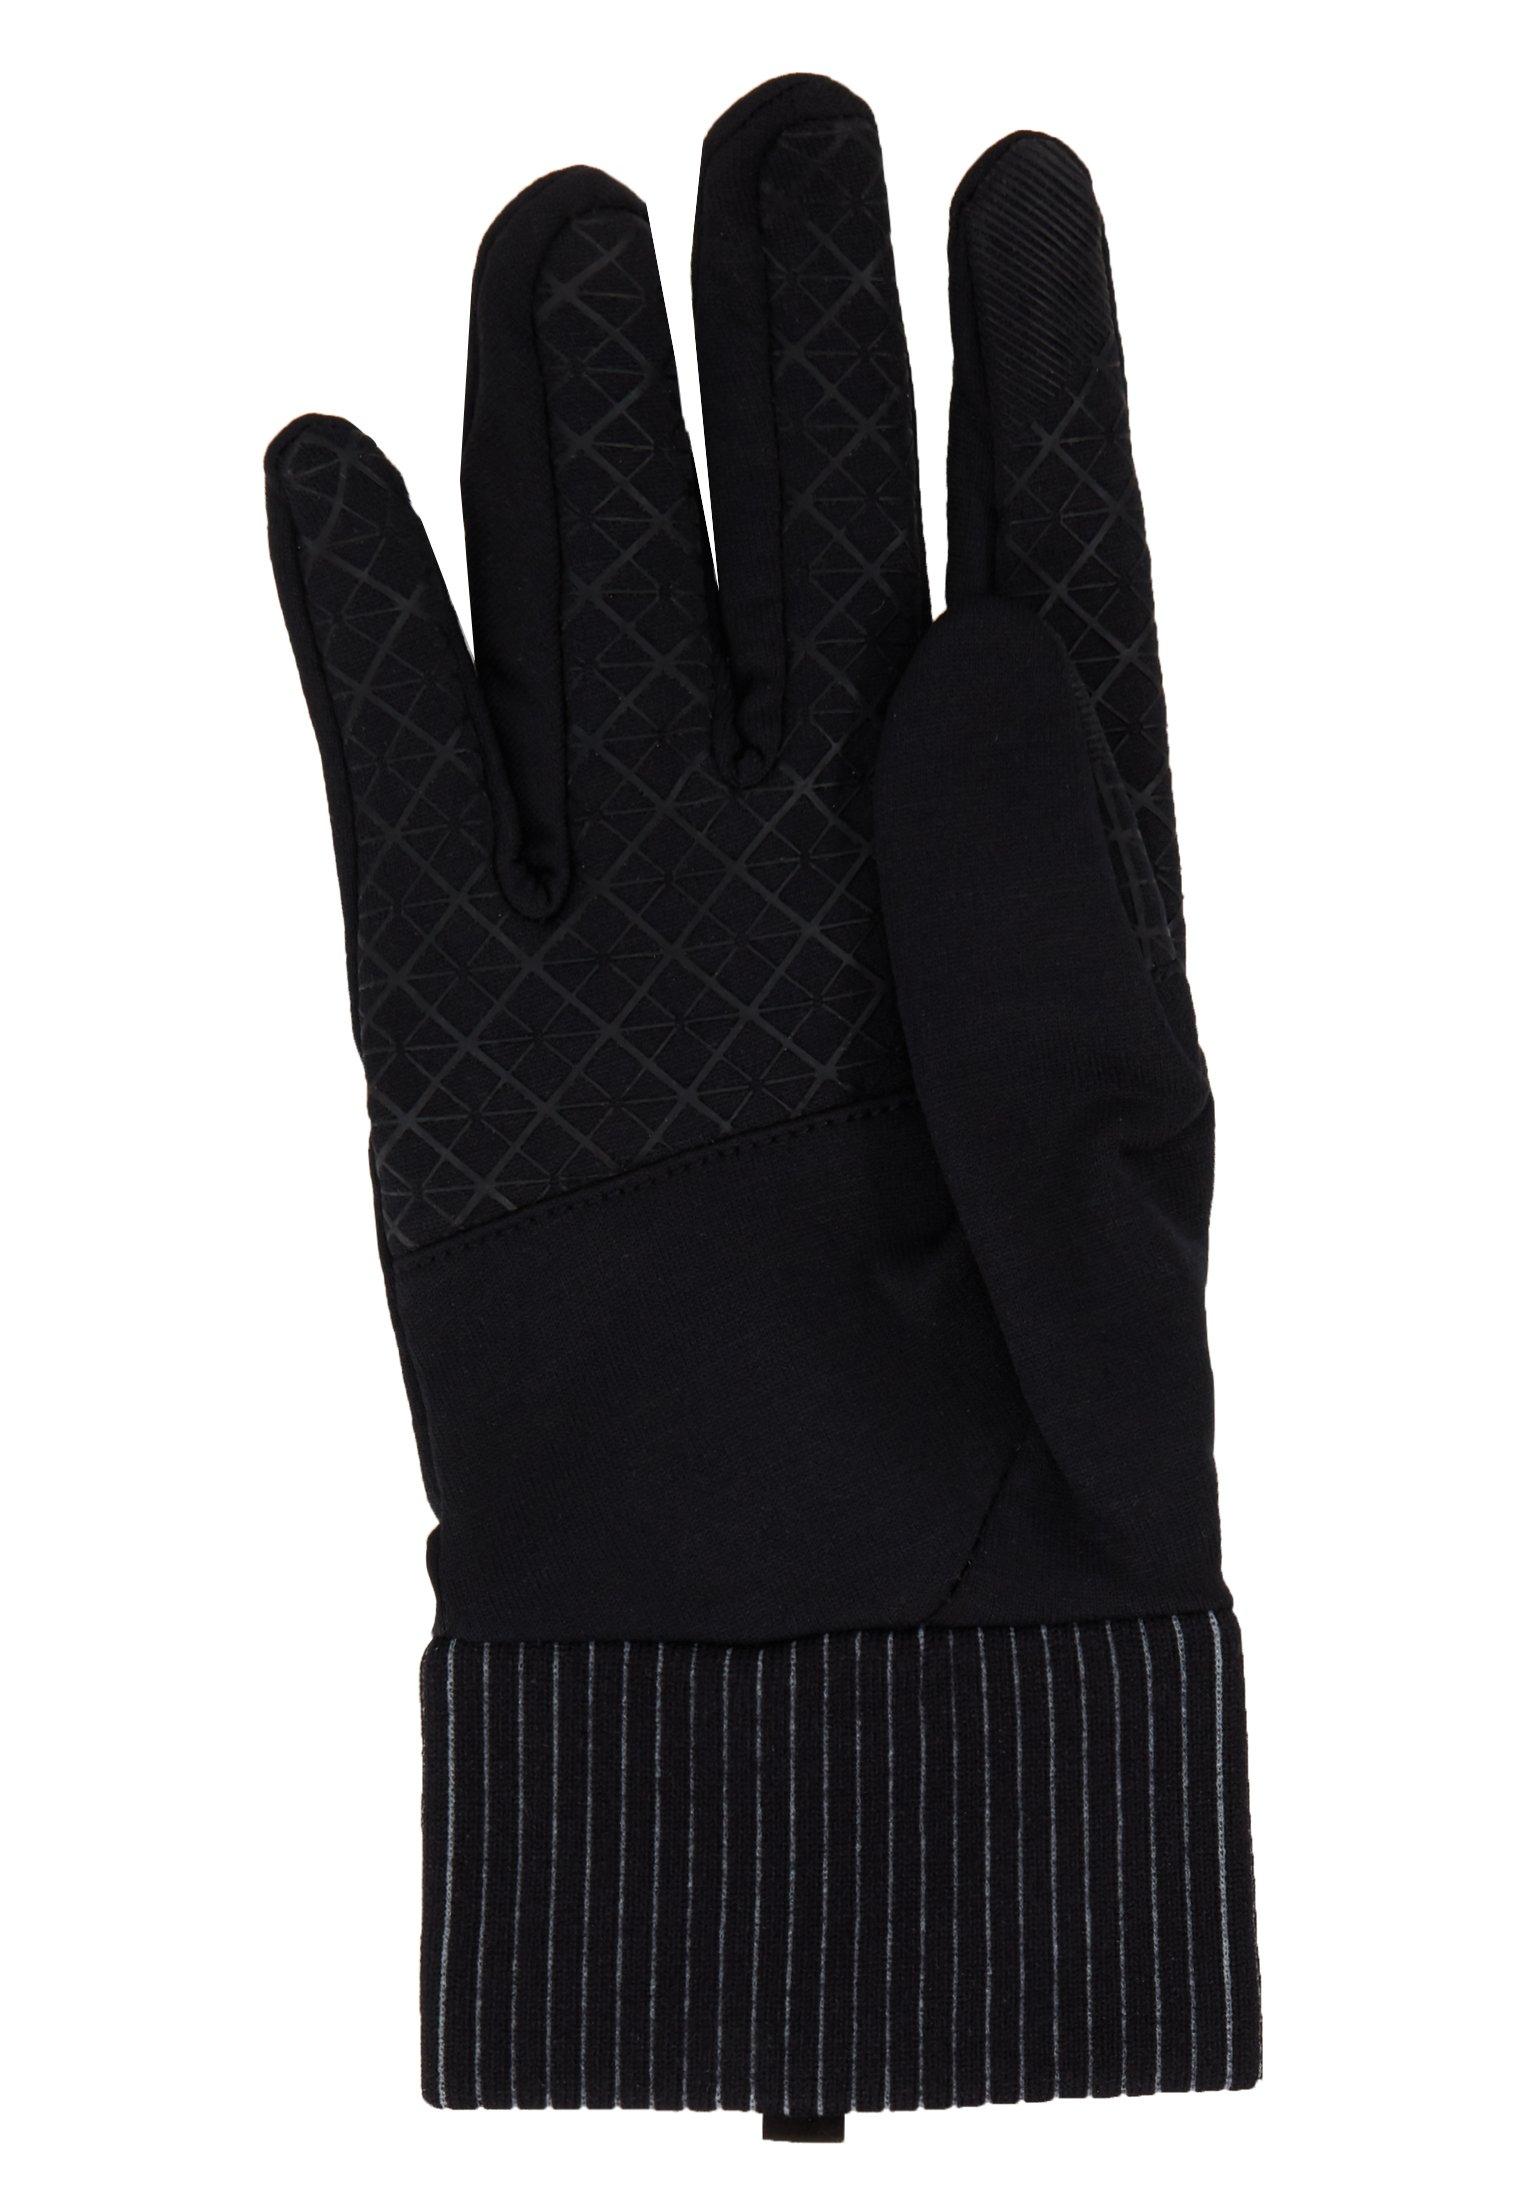 SPHERE RUNNING GLOVES 2.0 Handschoenen blacksilver